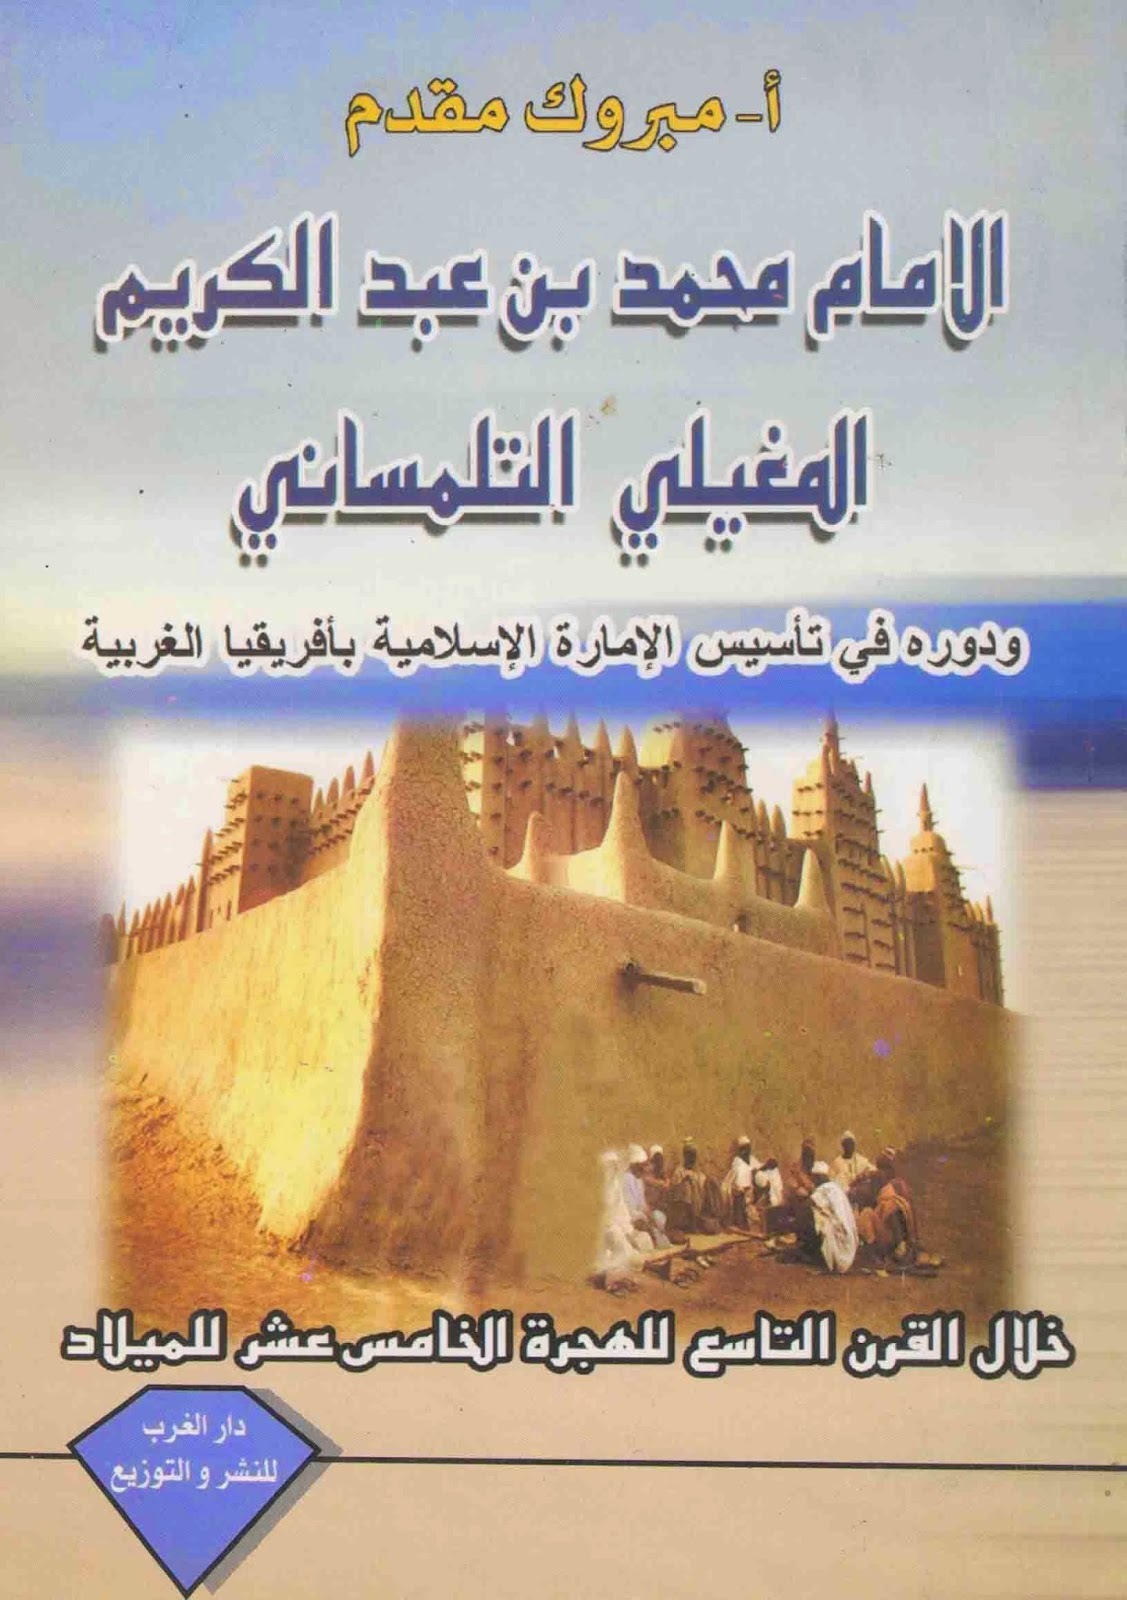 الإمام محمد بن عبد الكريم المغيلي التلمساني ودوره في تأسيس الإمارة الإسلامية بأفريقيا الغربية لـ مبروك مقدم